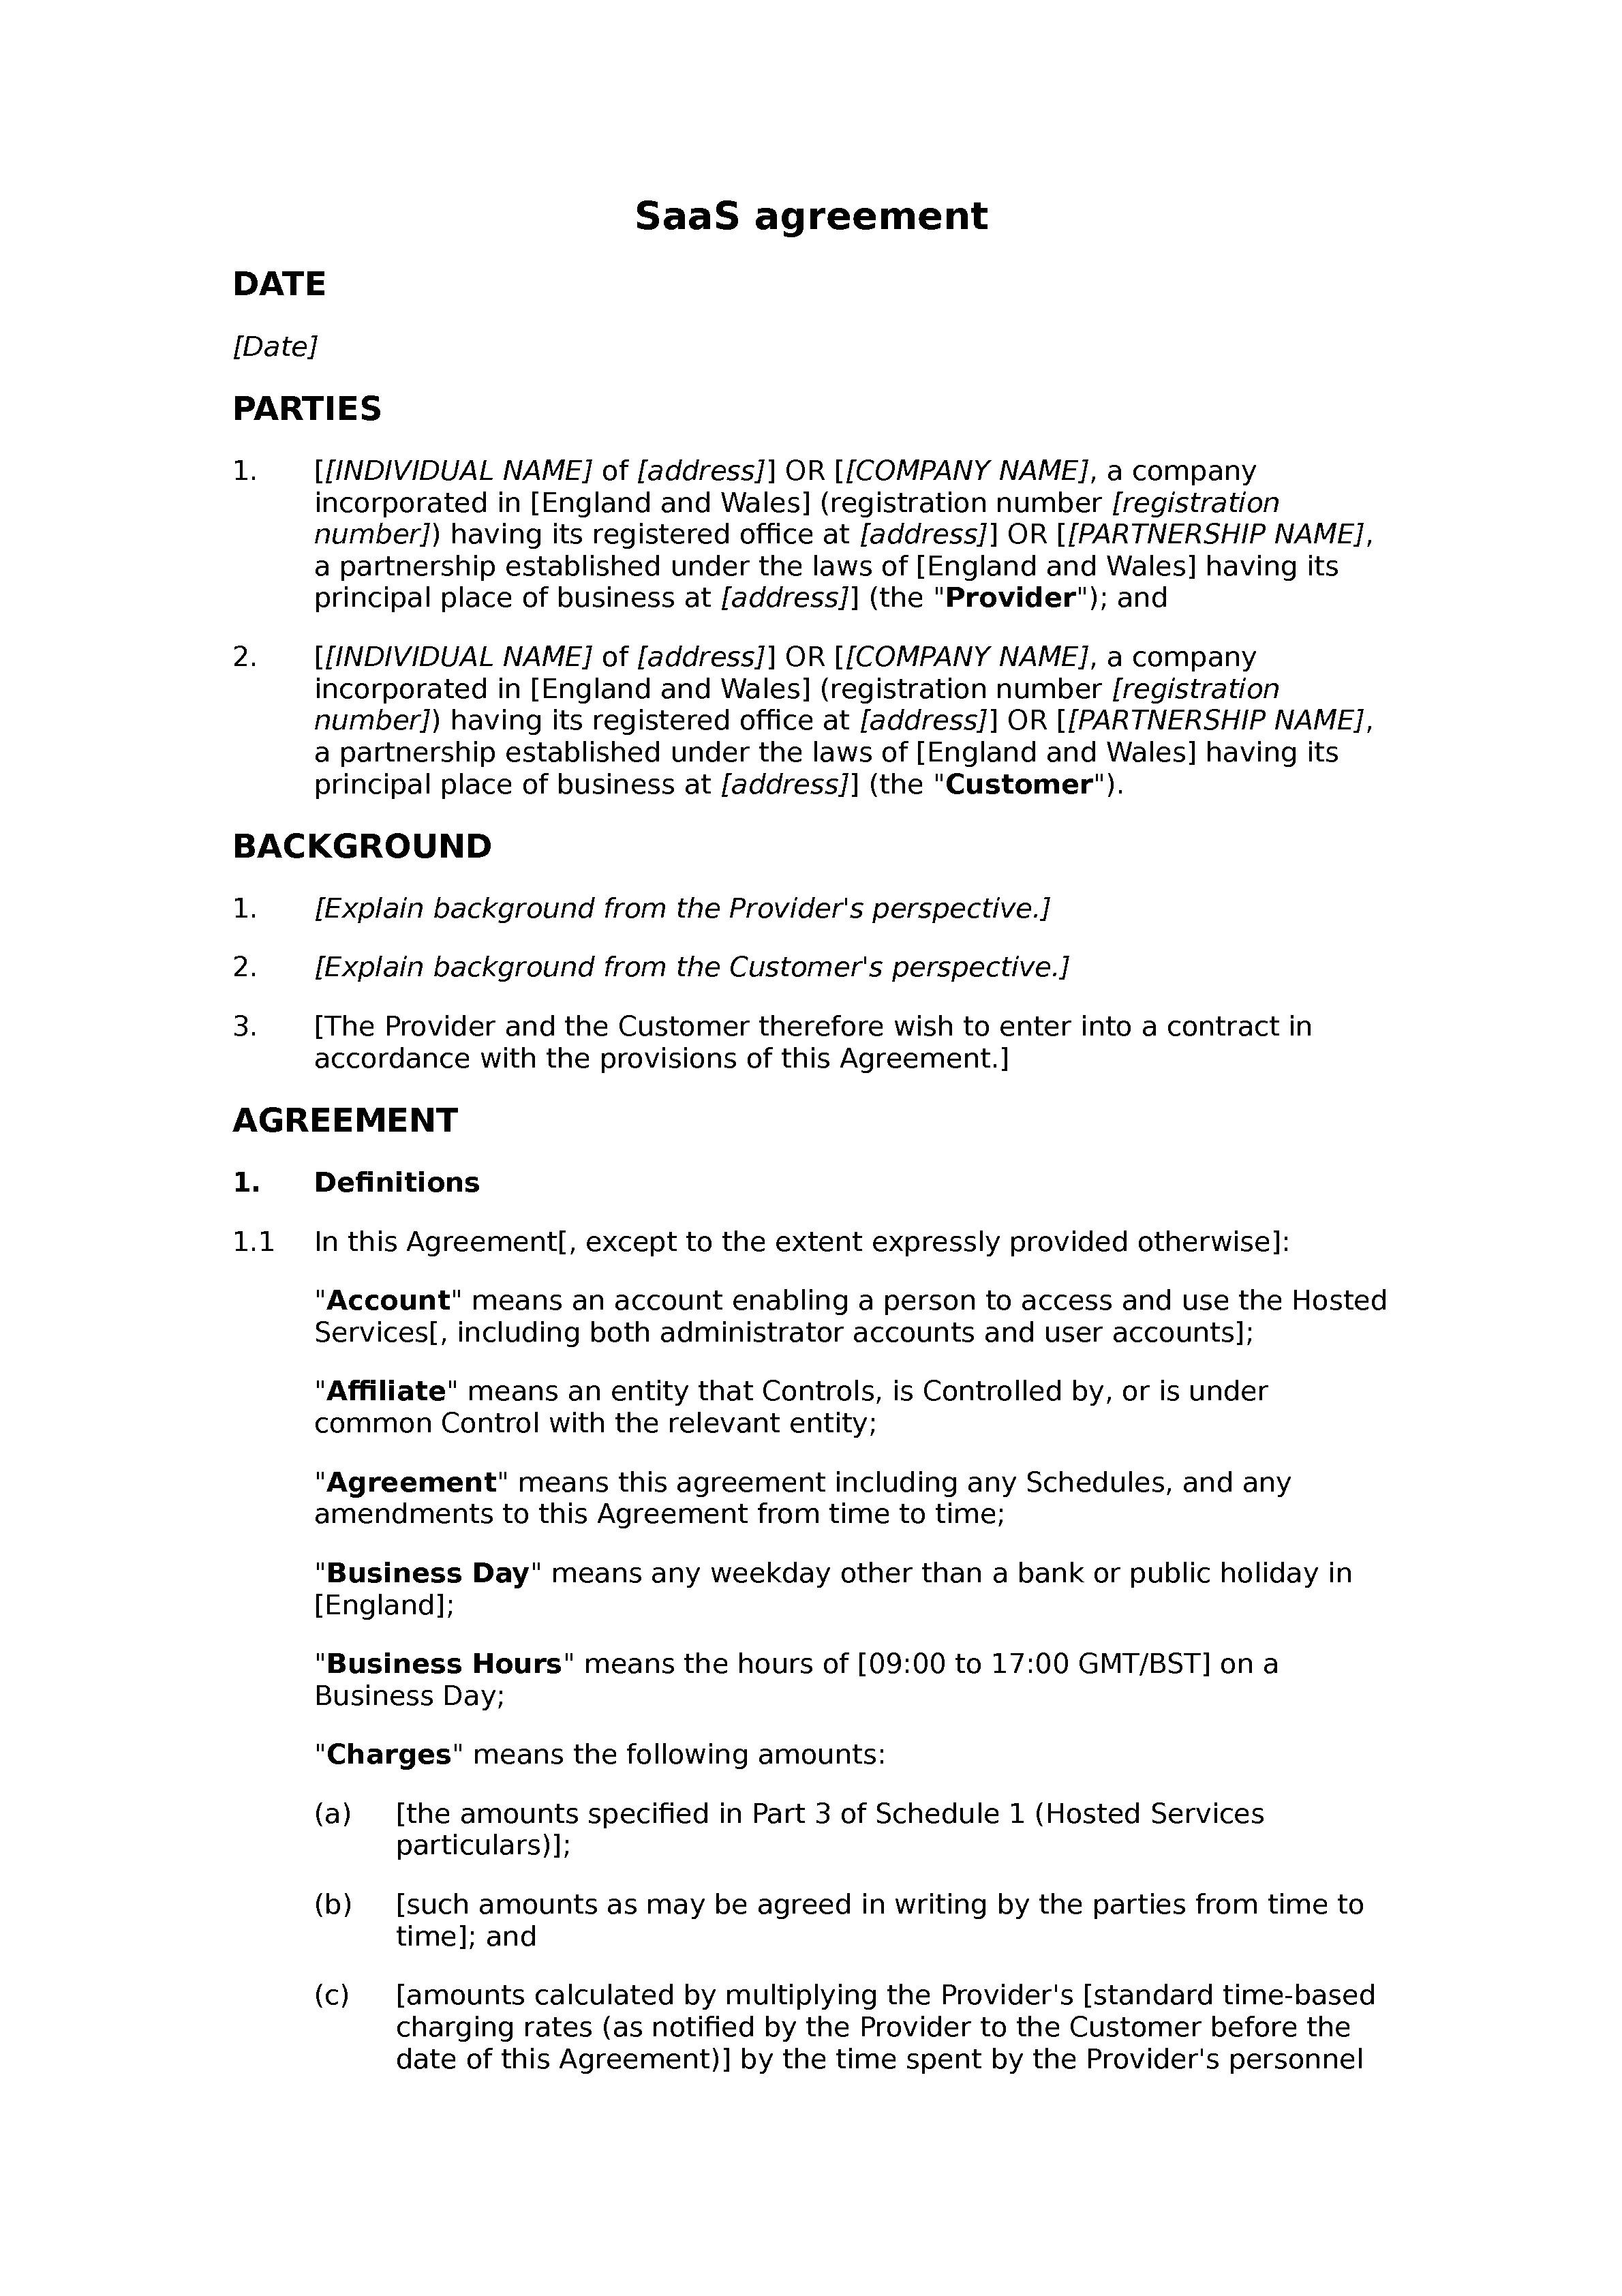 saas agreement standard